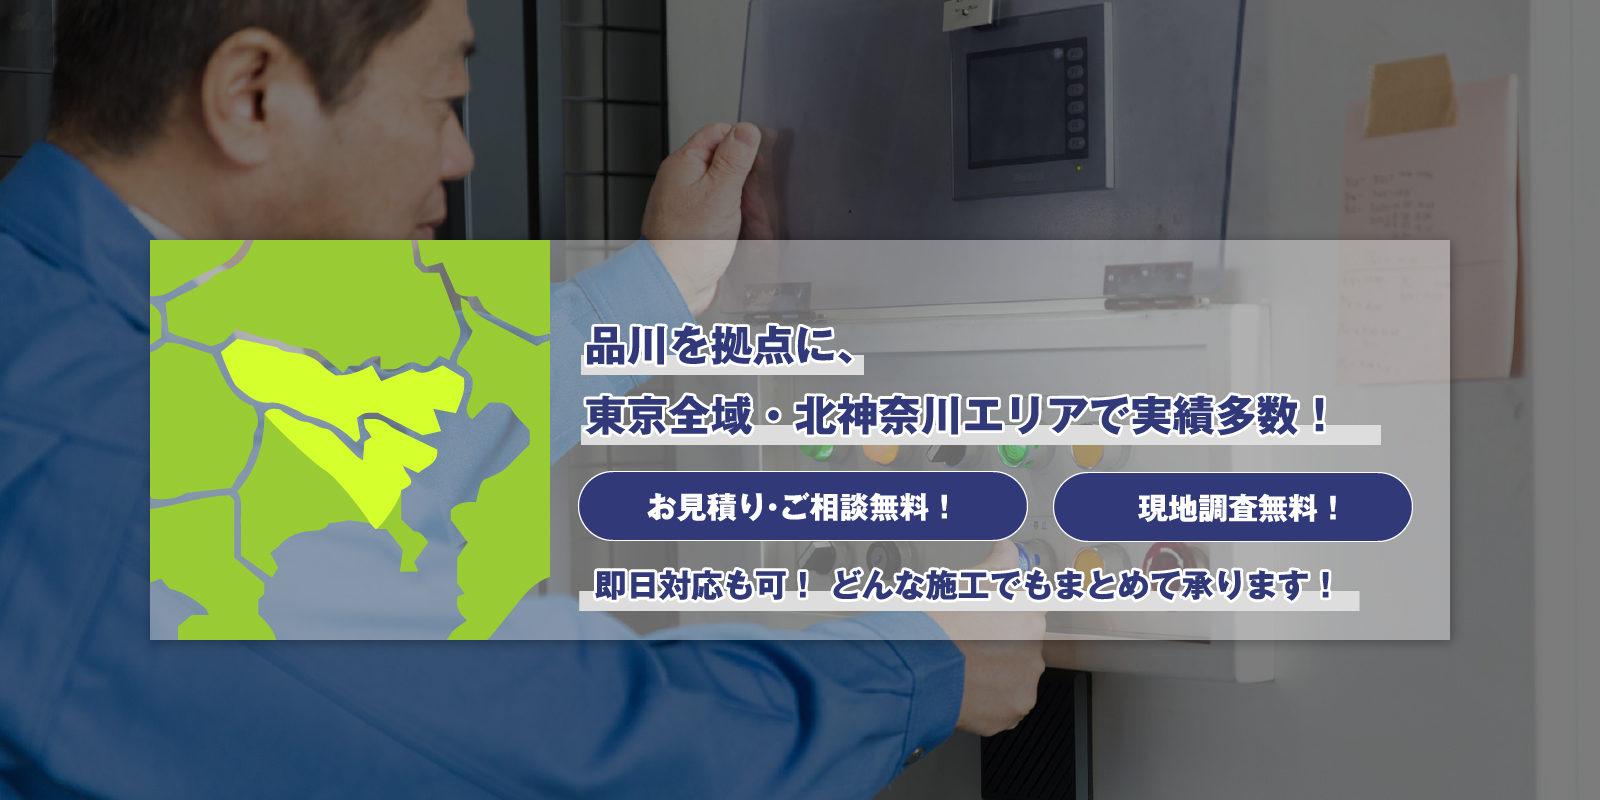 自動車業界・電気機器・鉄工業界・食品業界・医療業界など・・・ 福岡県の製造業・工場は、お任せください!